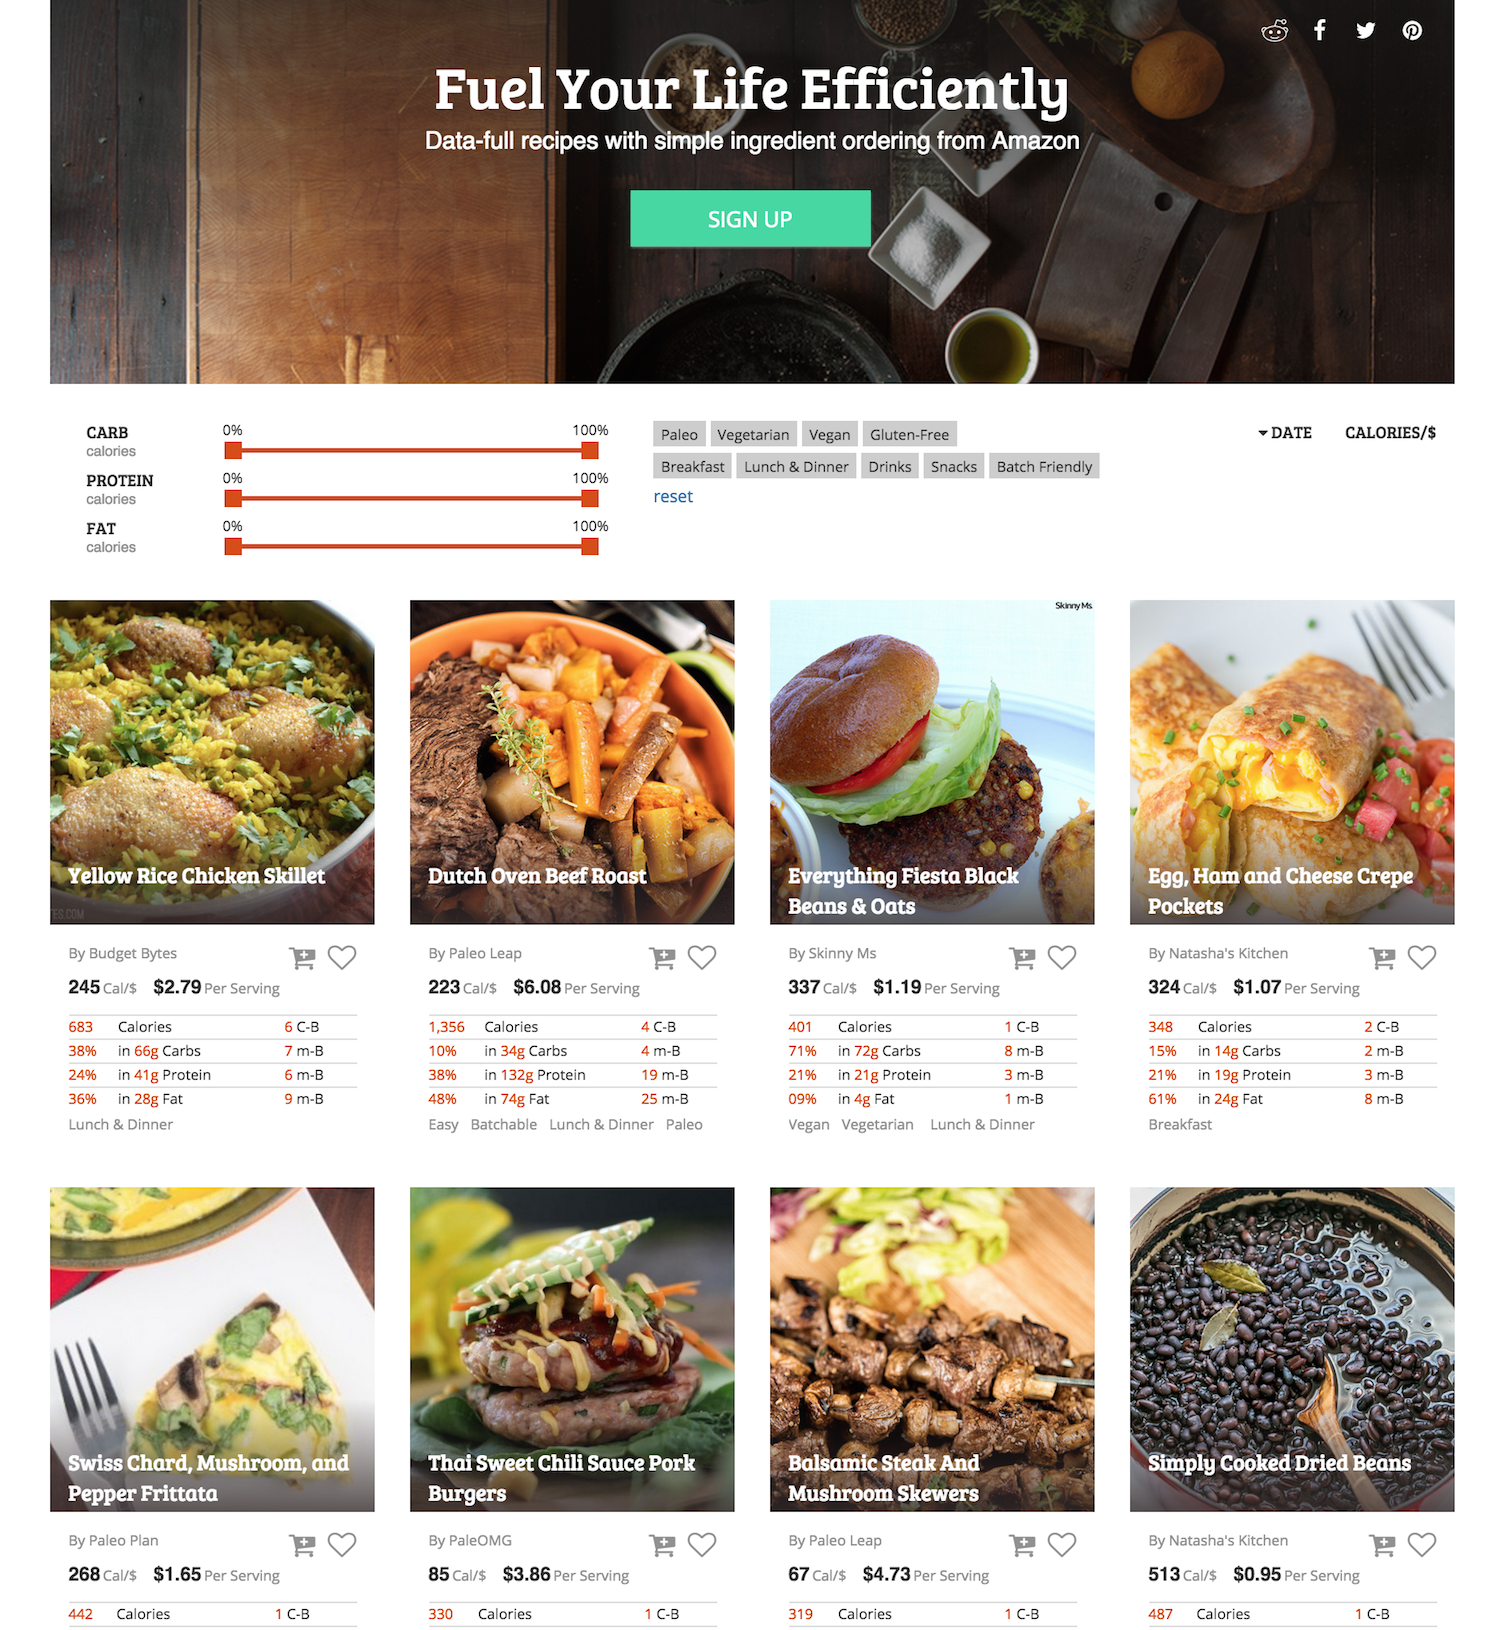 Homepage v1 - data focused